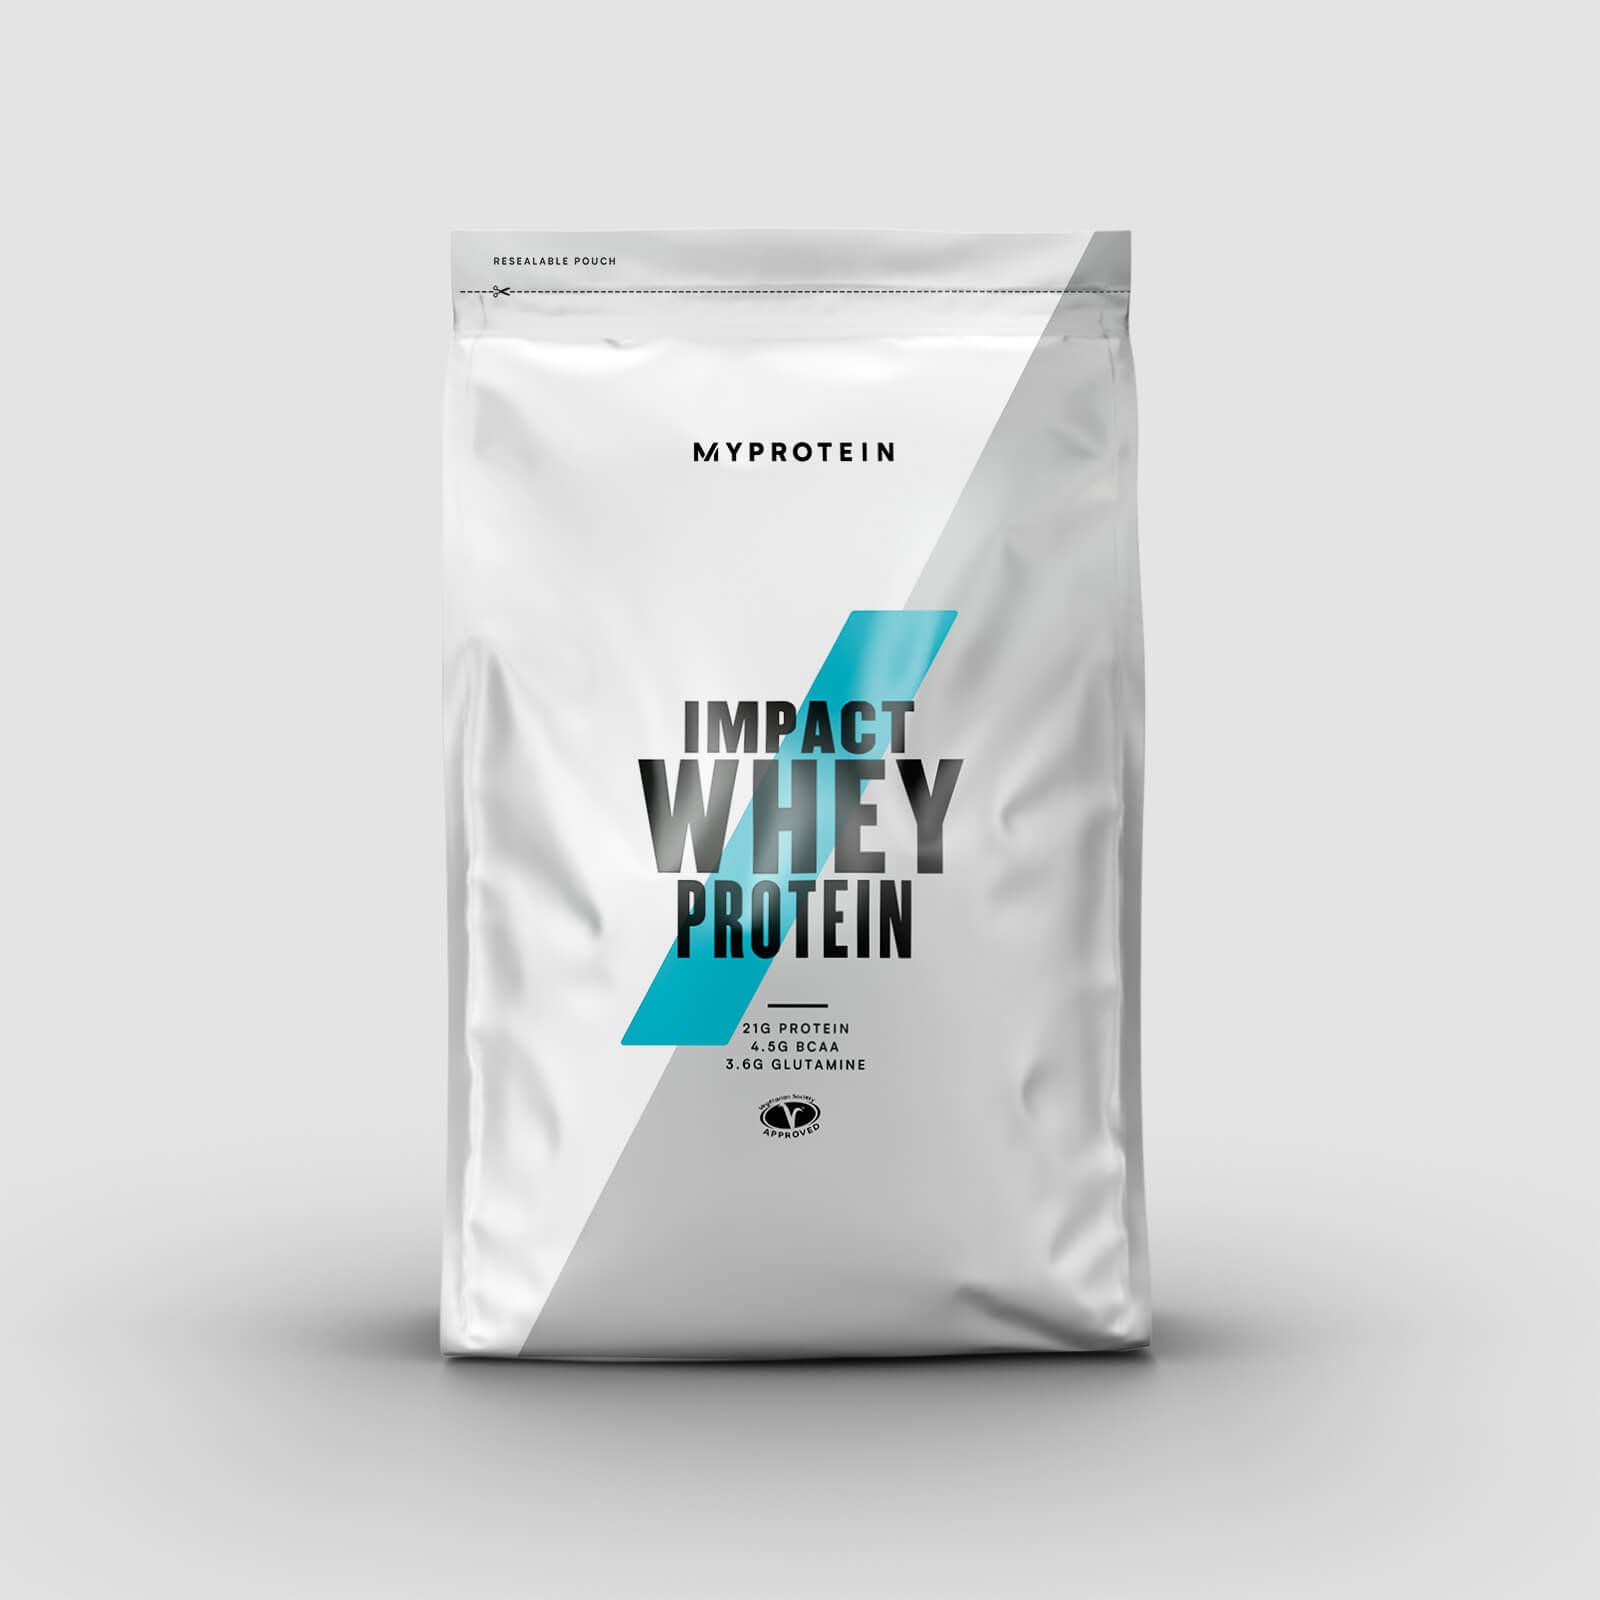 Myprotein Impact Whey Protein - 2.5kg - Sans arôme ajouté